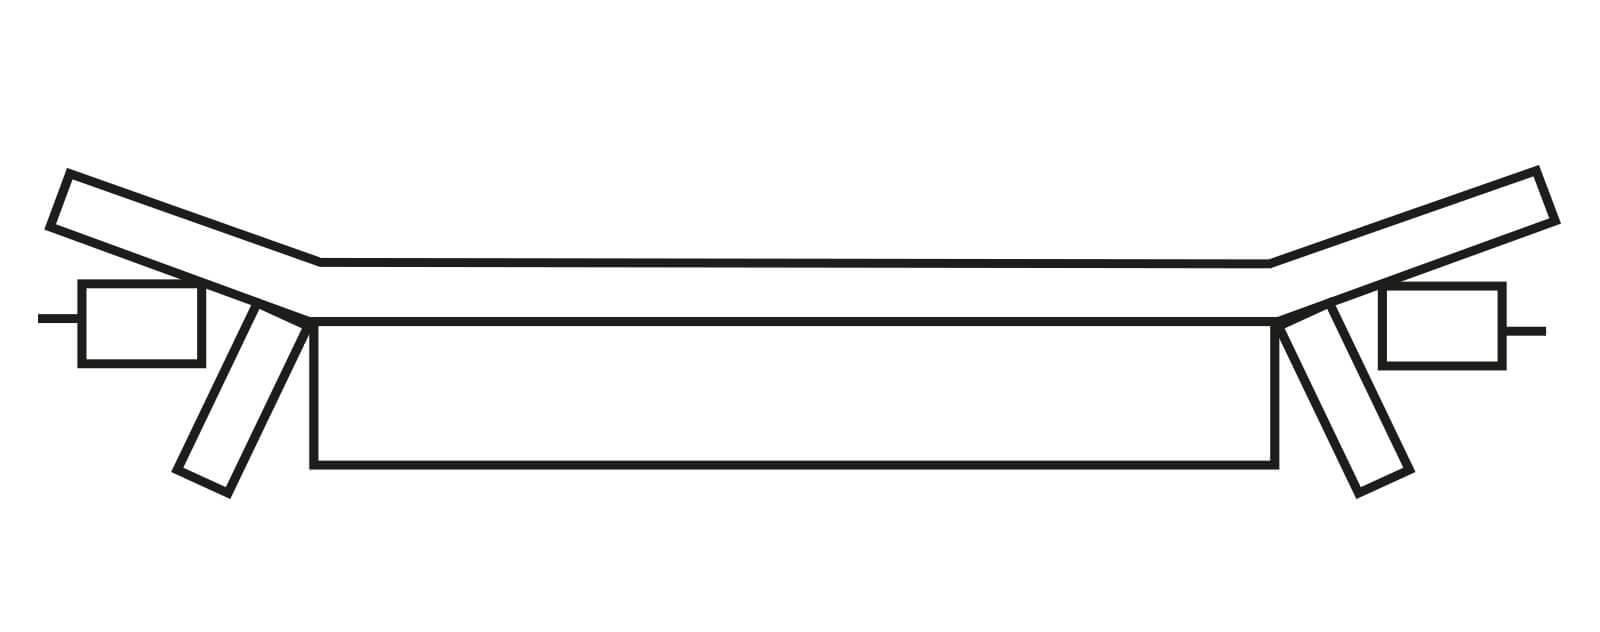 Schéma d'une bande caoutchouc non raide en trame de type EP pour bande transporteuse